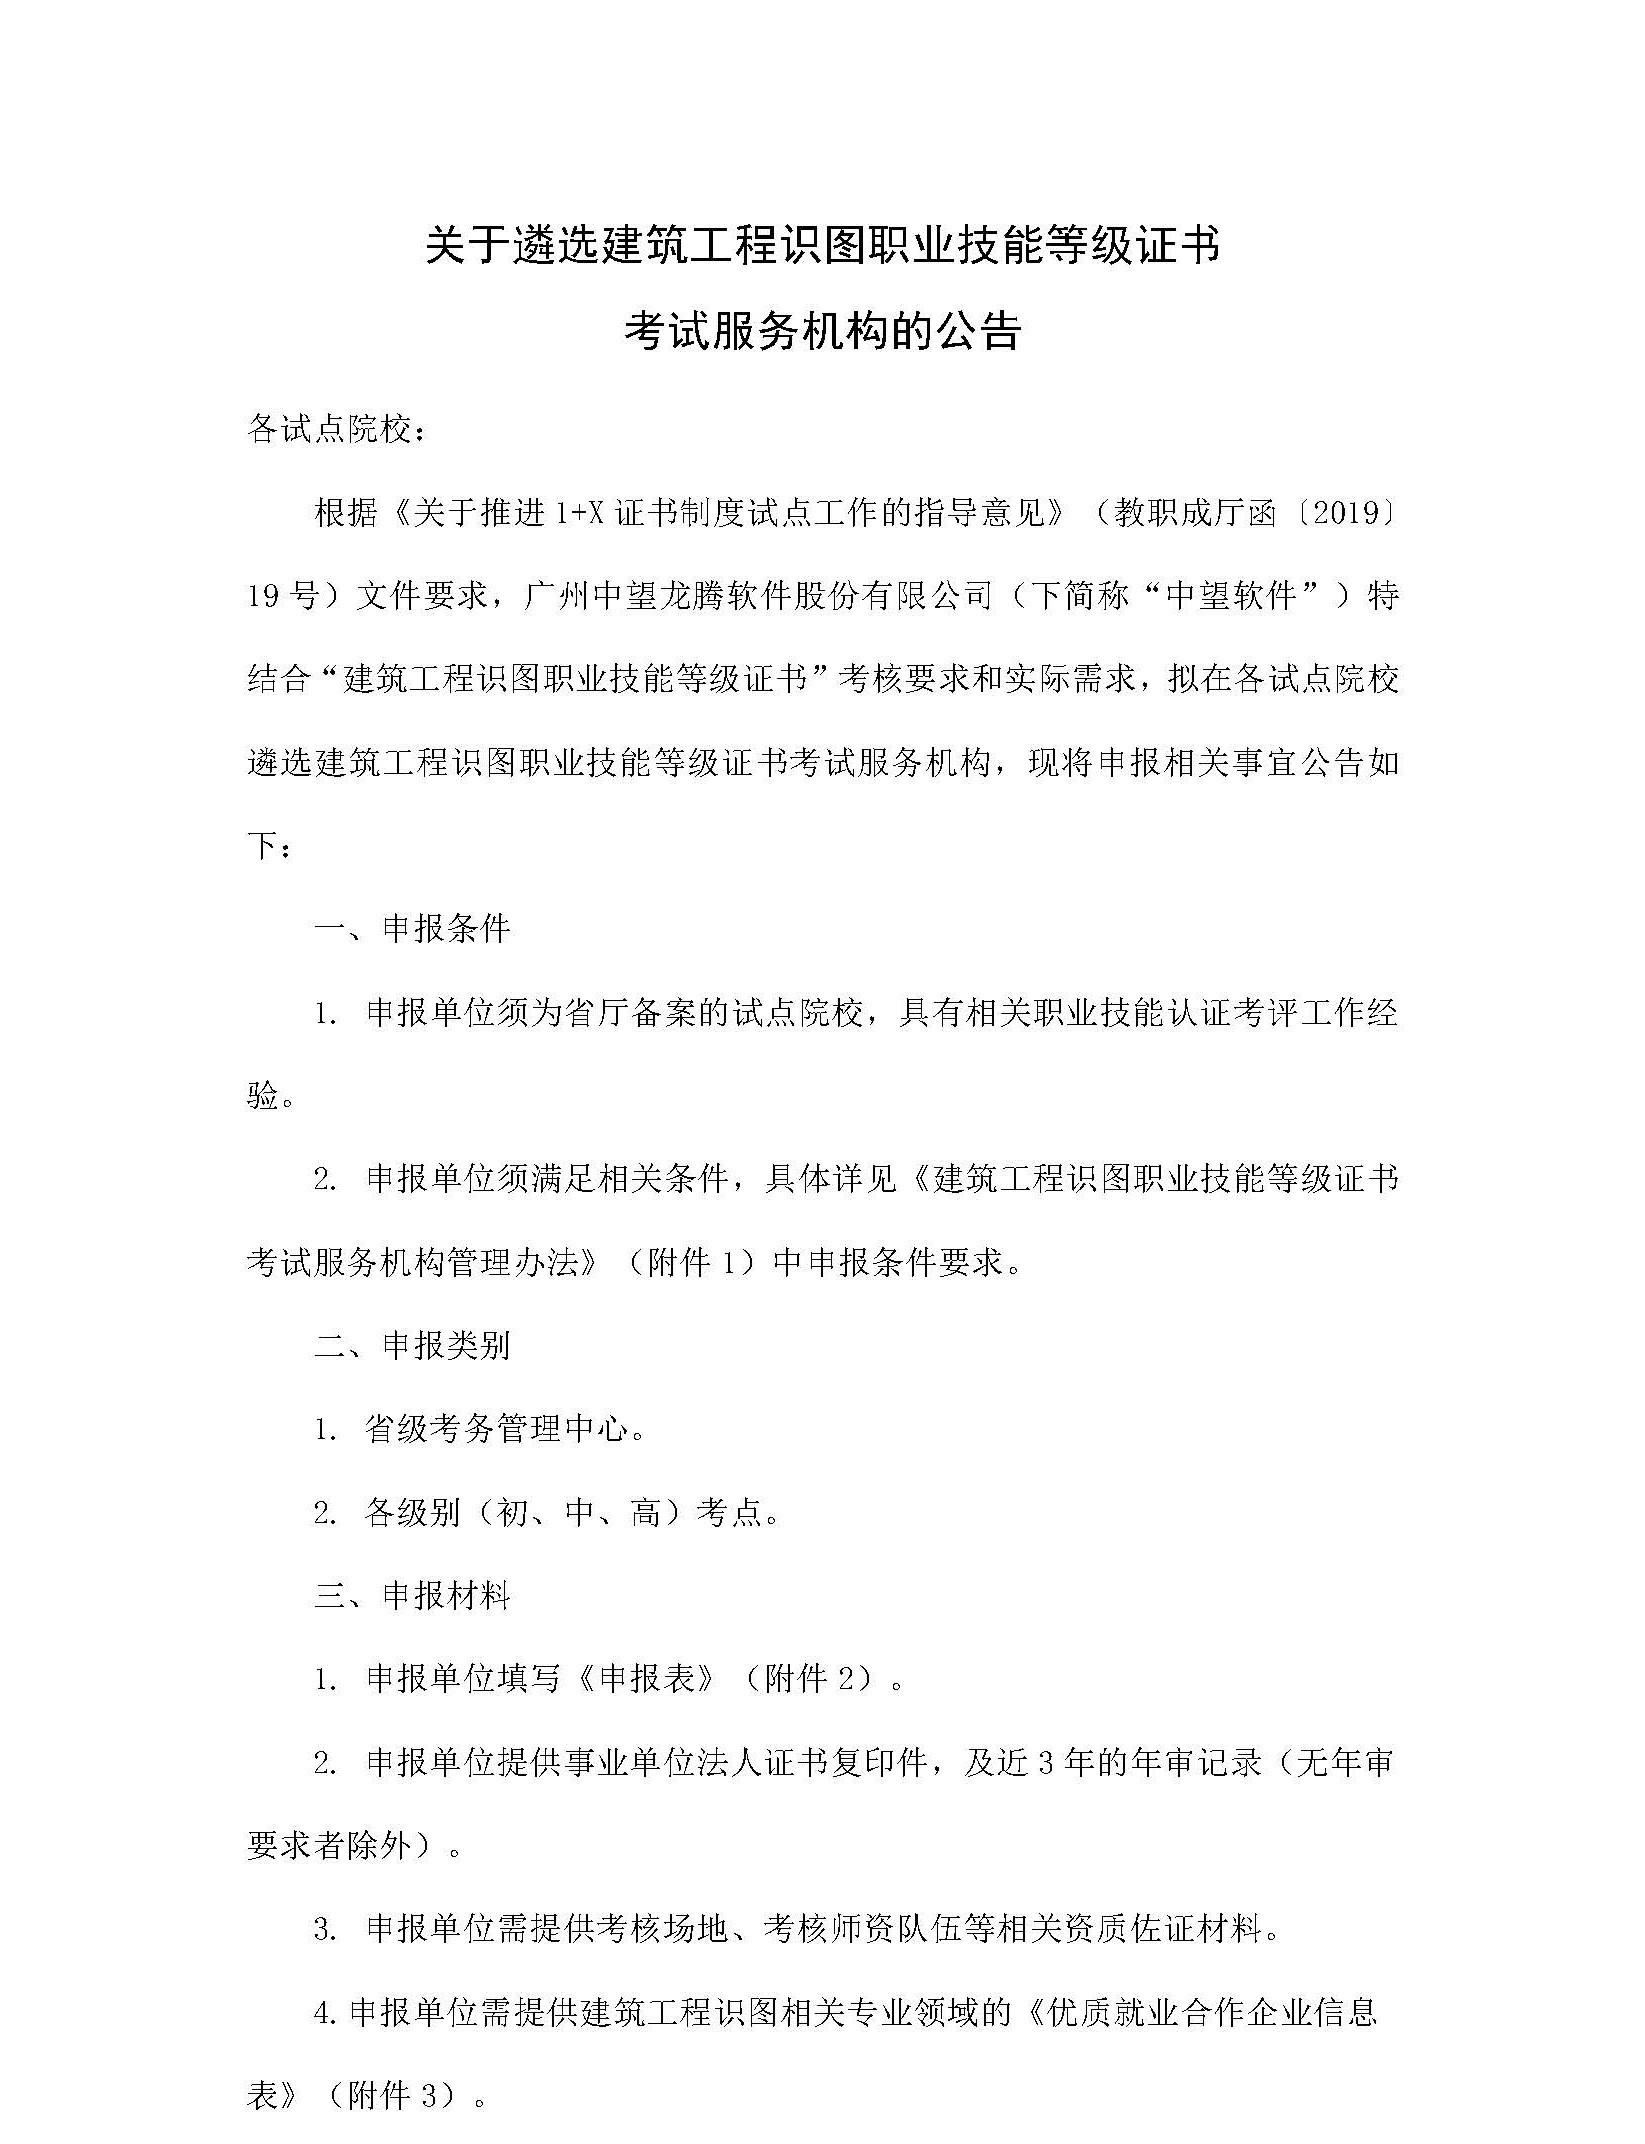 考试服务机构招募公告 - 改_页面_1.jpg